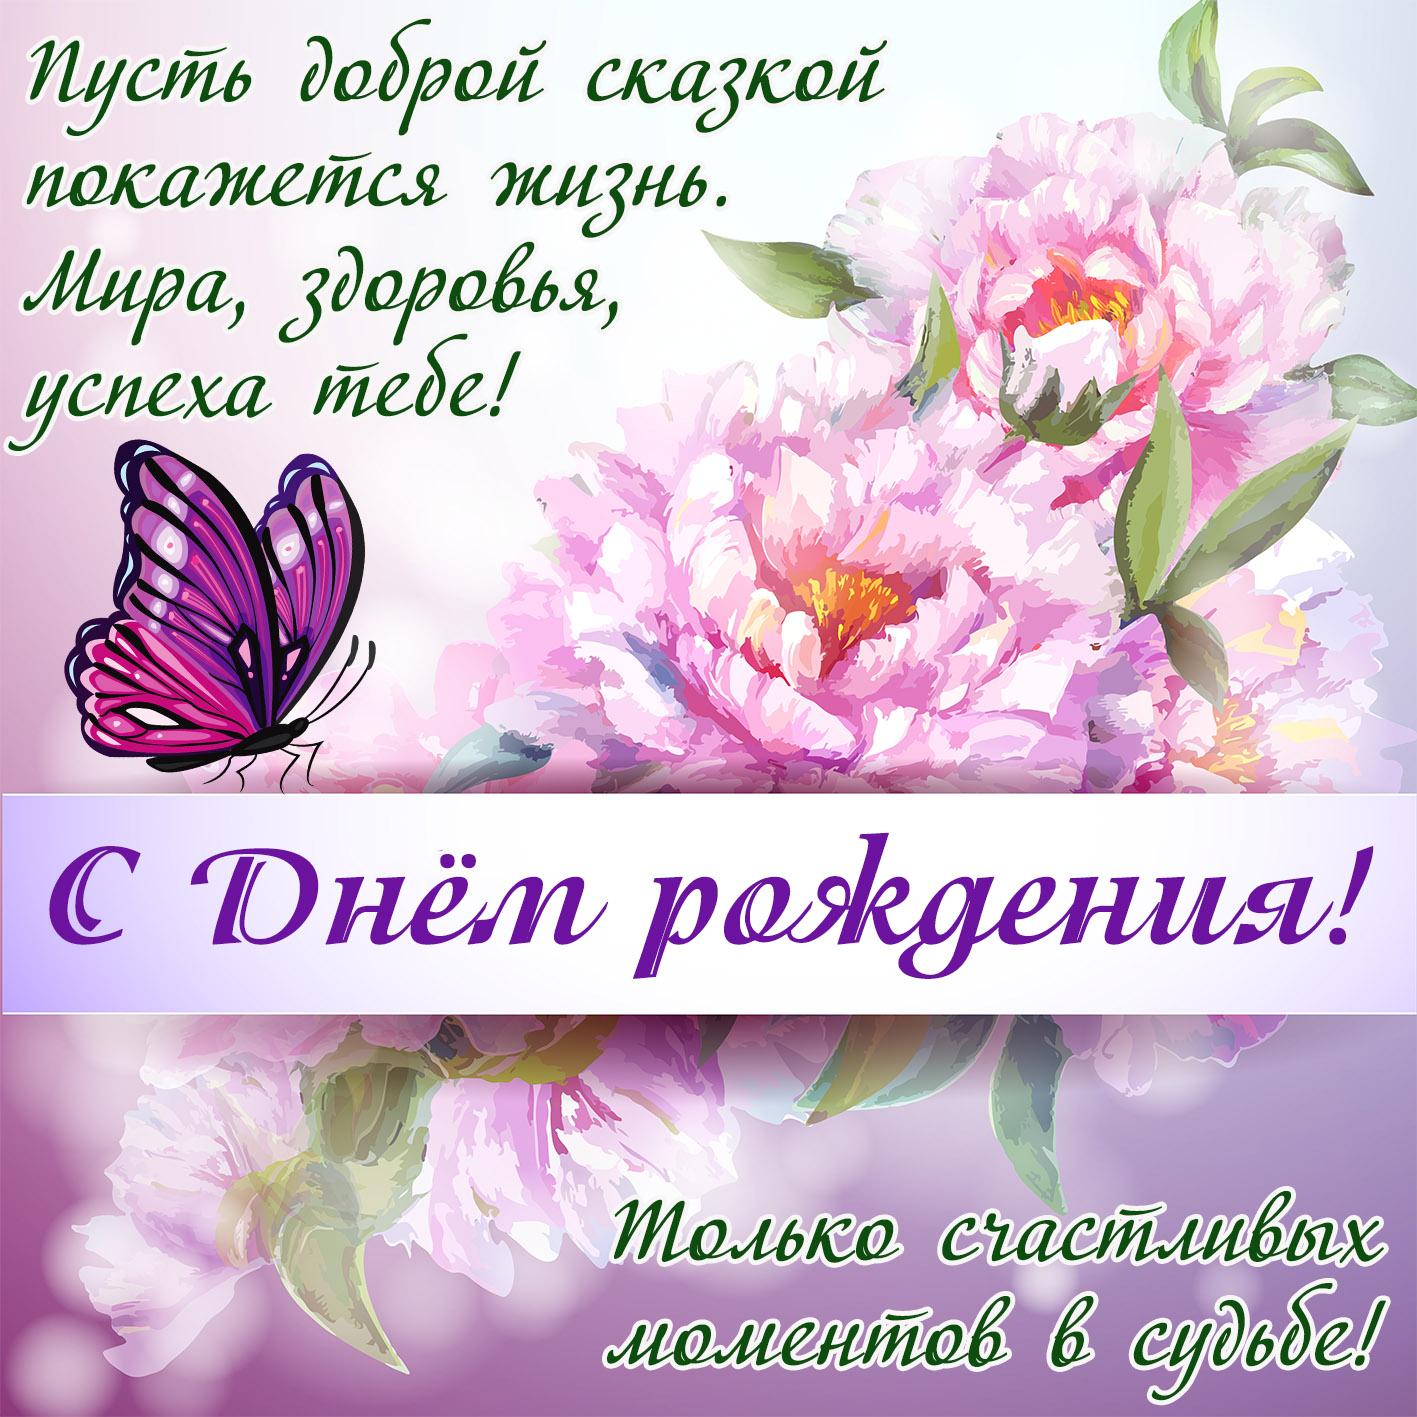 Открытка с цветами и пожеланием женщине на День рождения